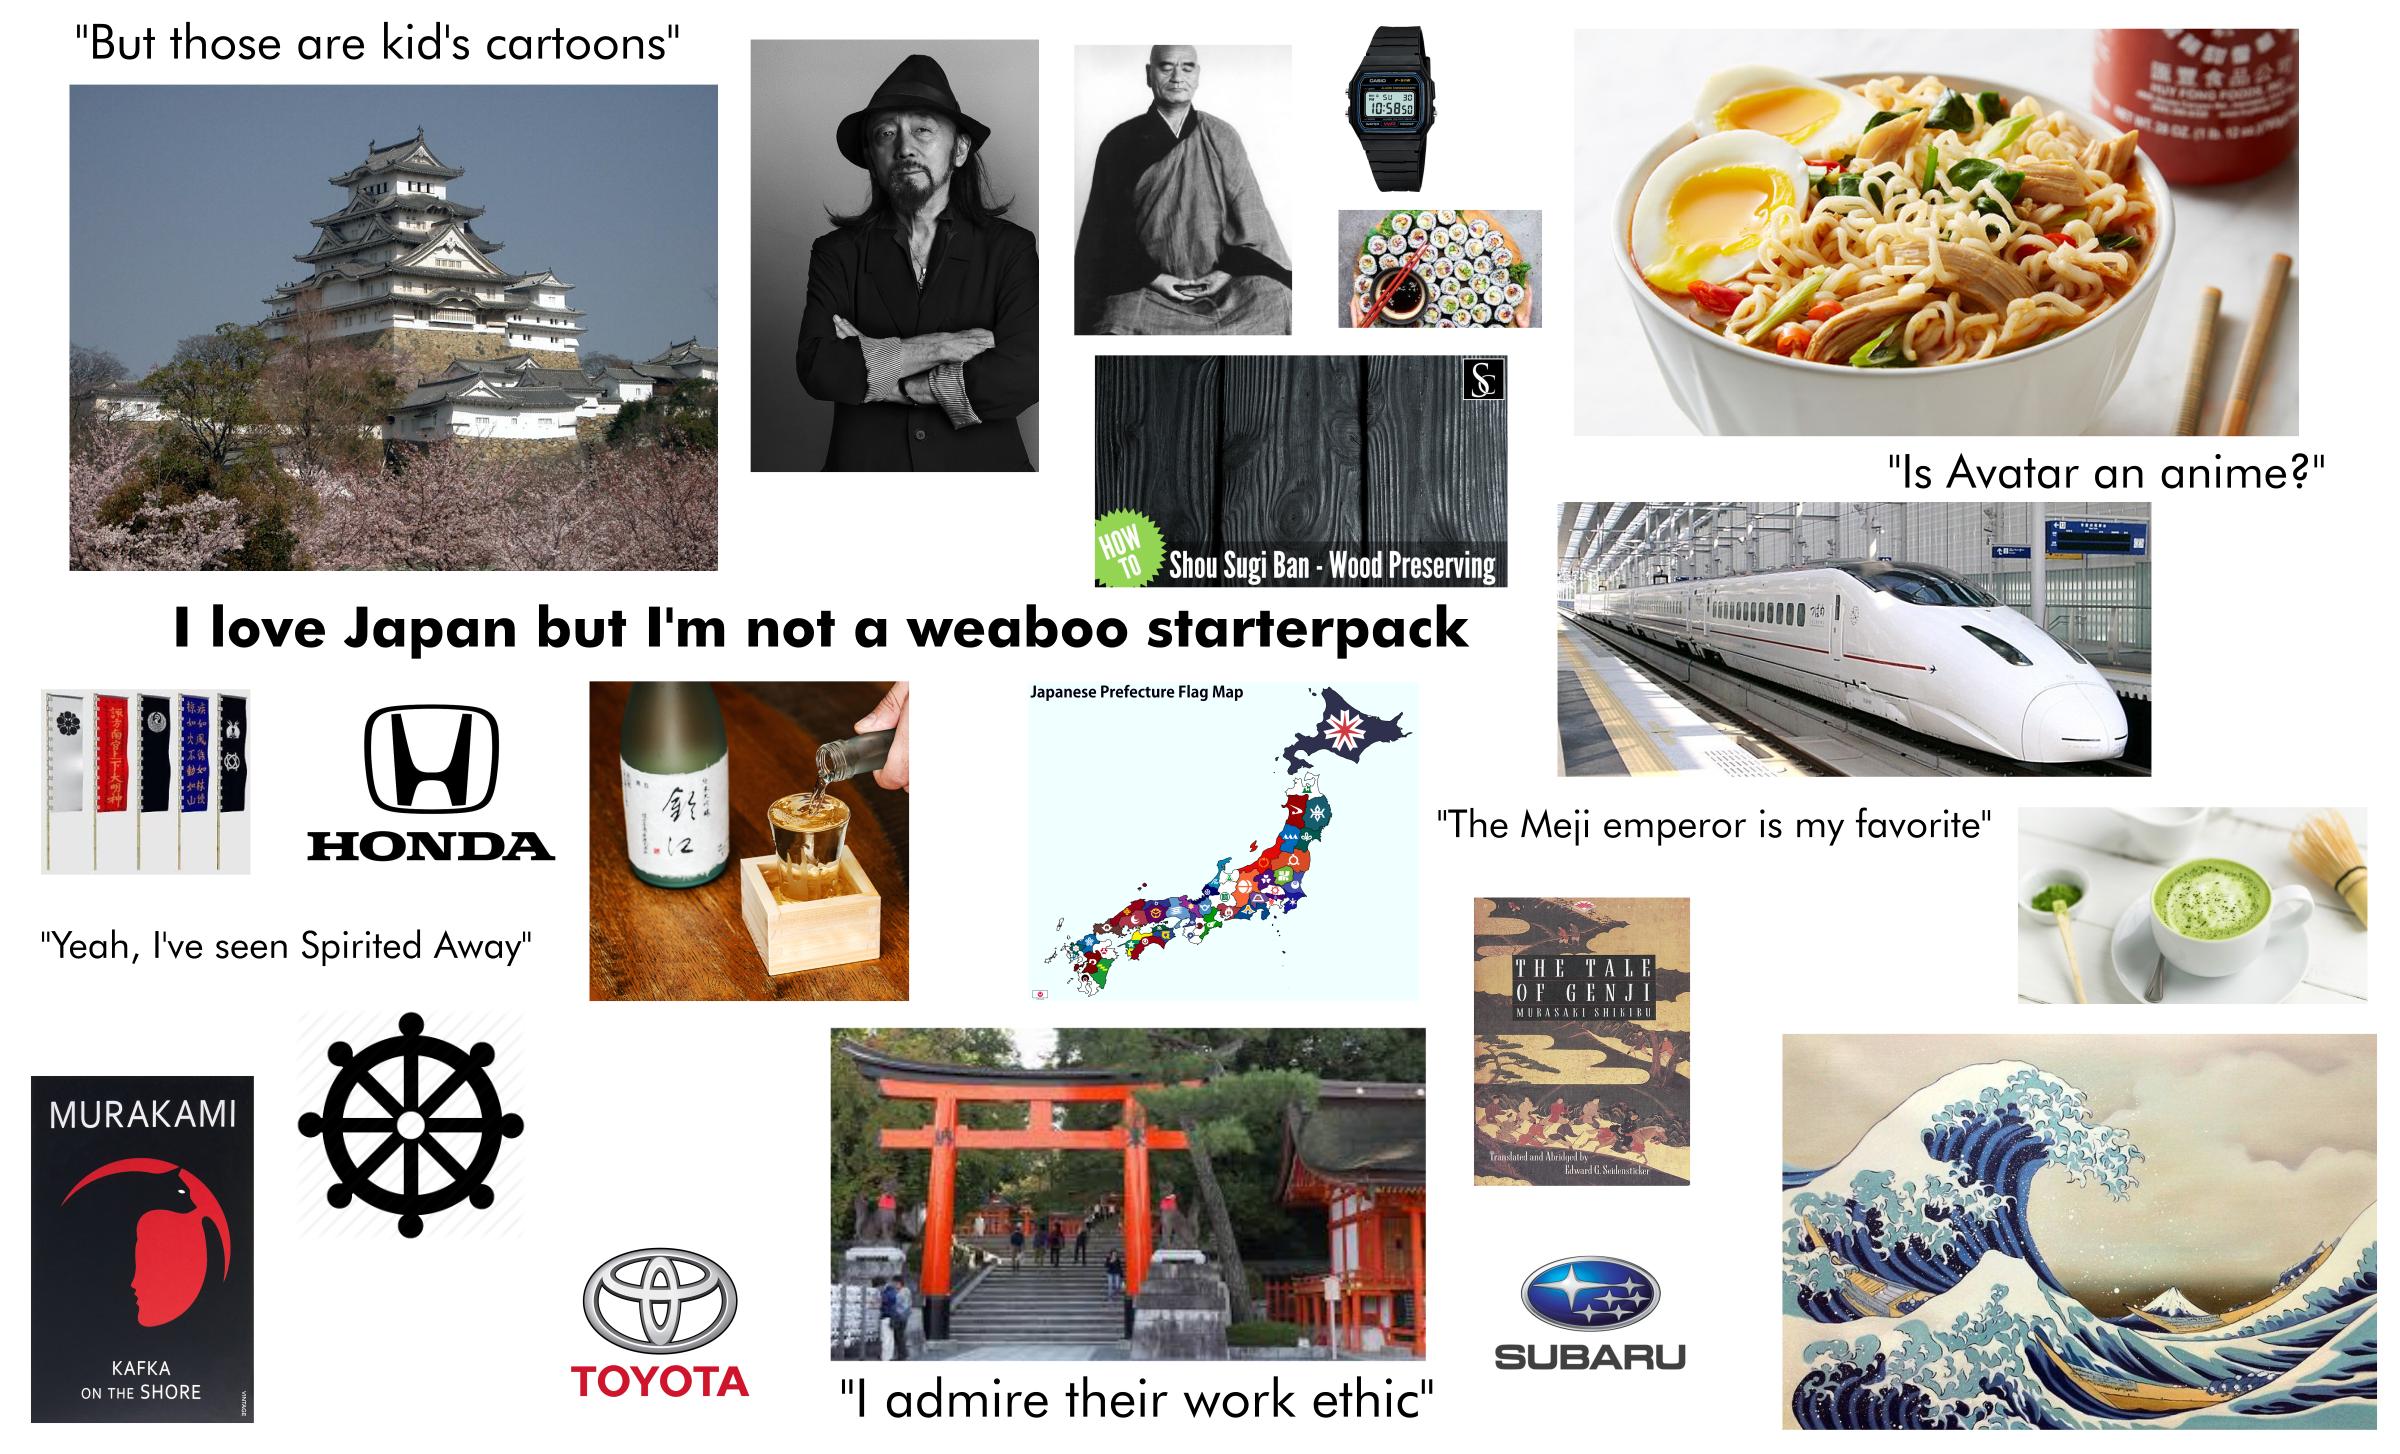 日本好きは肩身が狭い?「日本かぶれ」認定を回避する方法をめぐる海外の反応